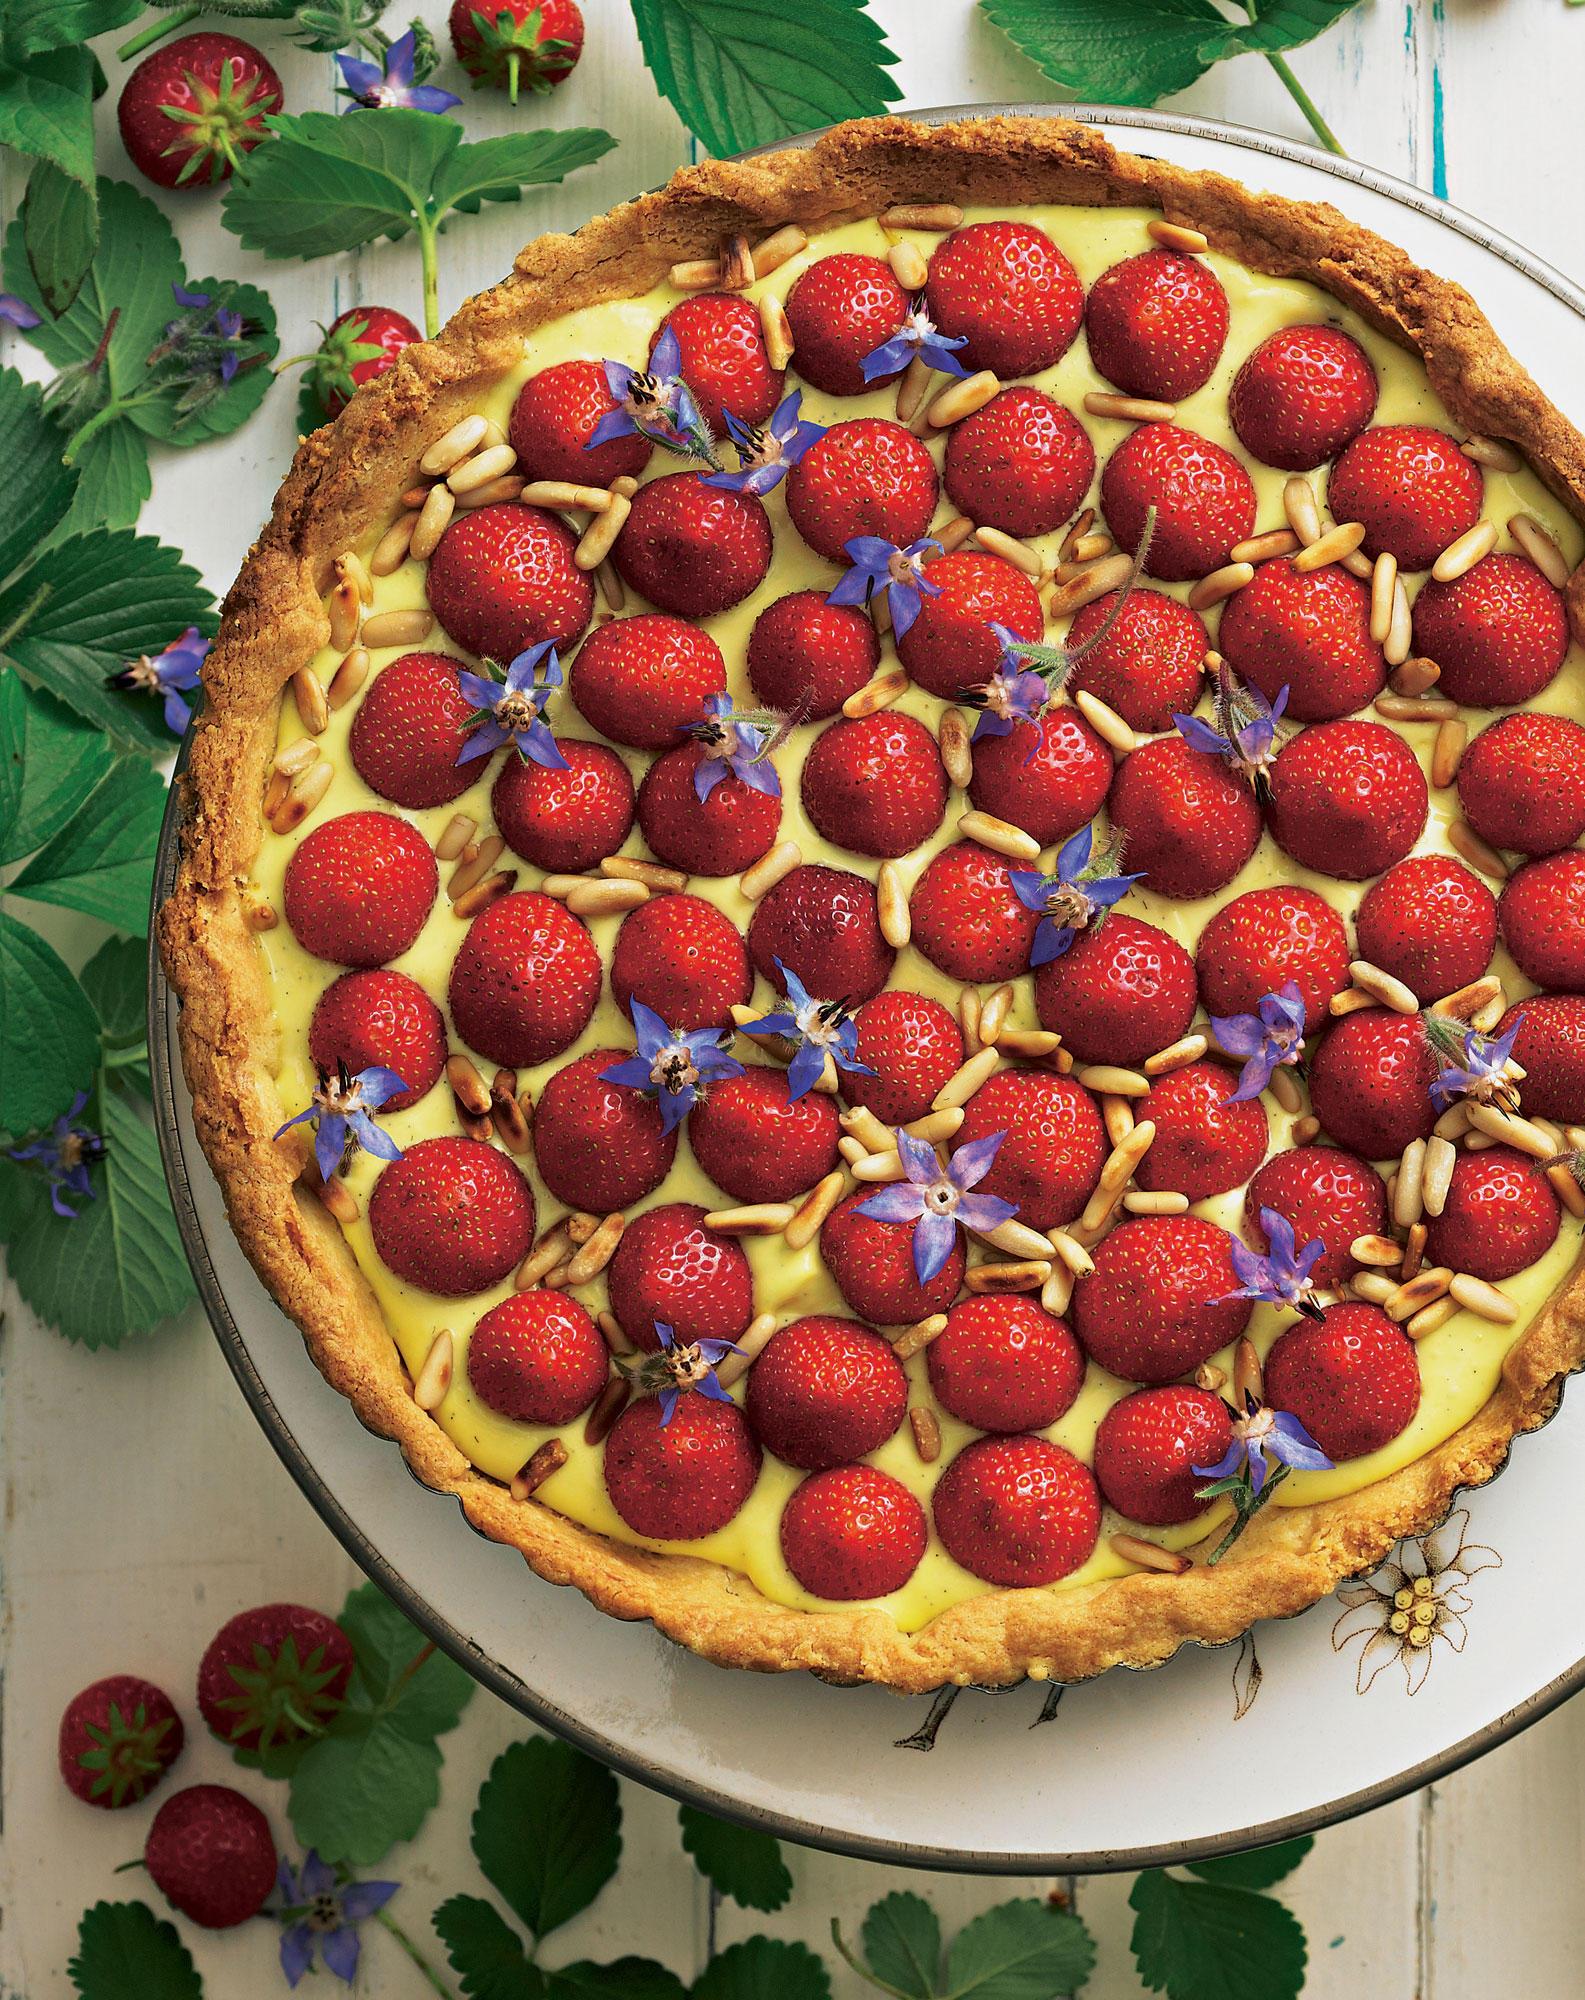 Sommerkuchen Rezepte Die Glucklich Machen Brigitte De